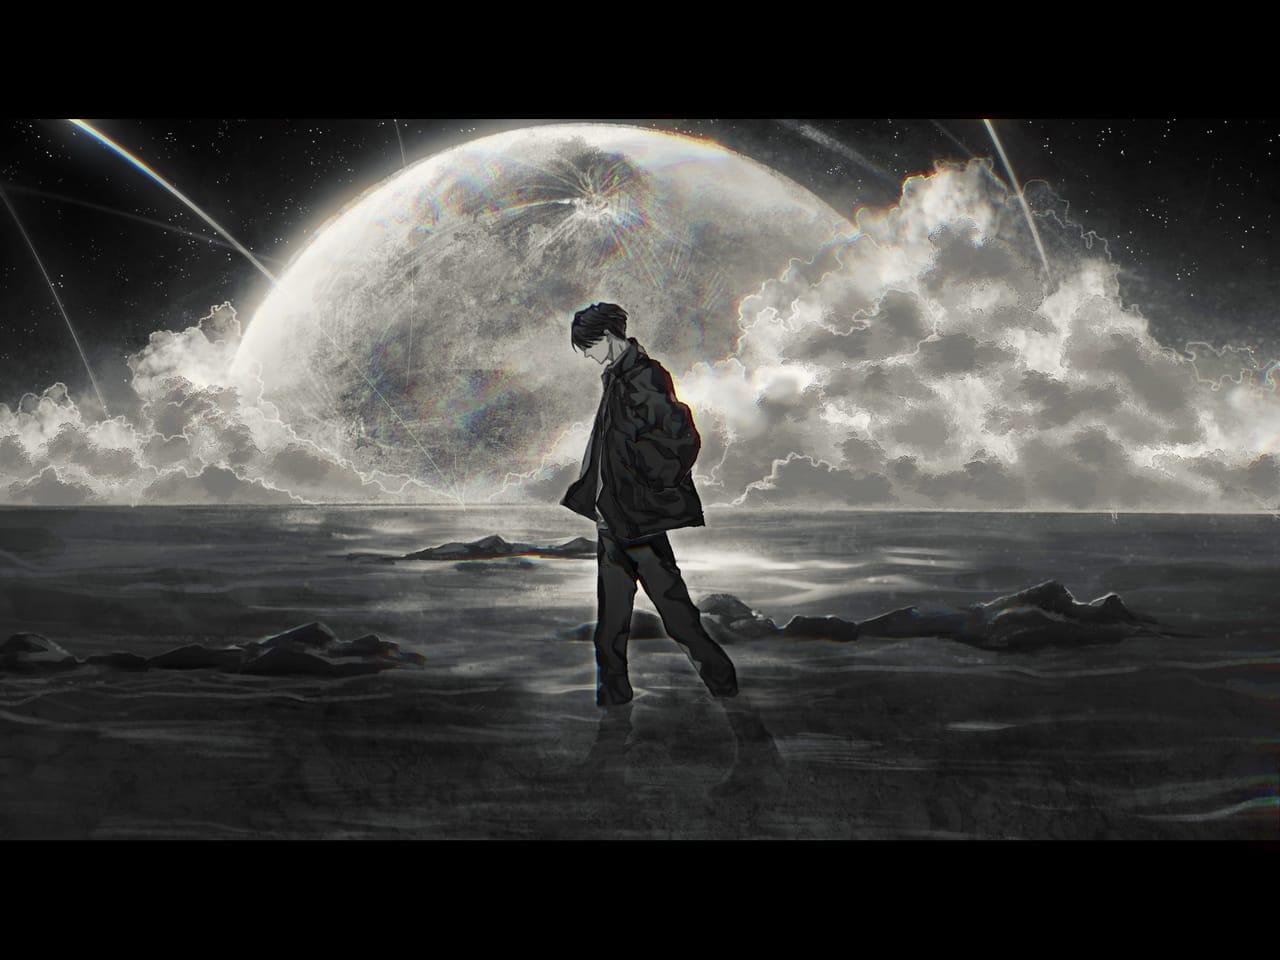 漫步月球下 Illust of 子蔡 May2021_Monochrome boy moon sea illustration 夢幻